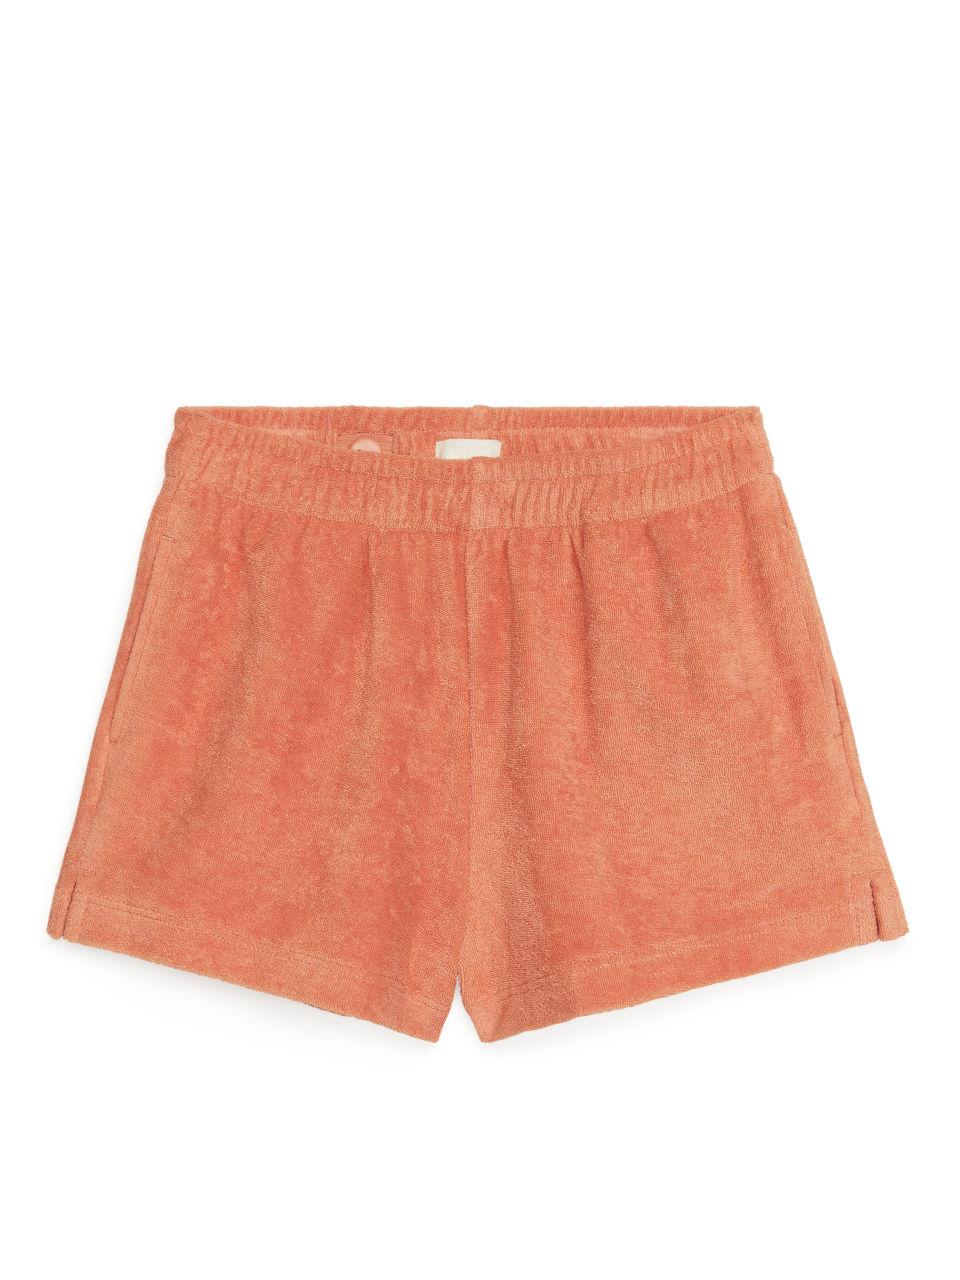 Cotton Towelling Shorts - Orange